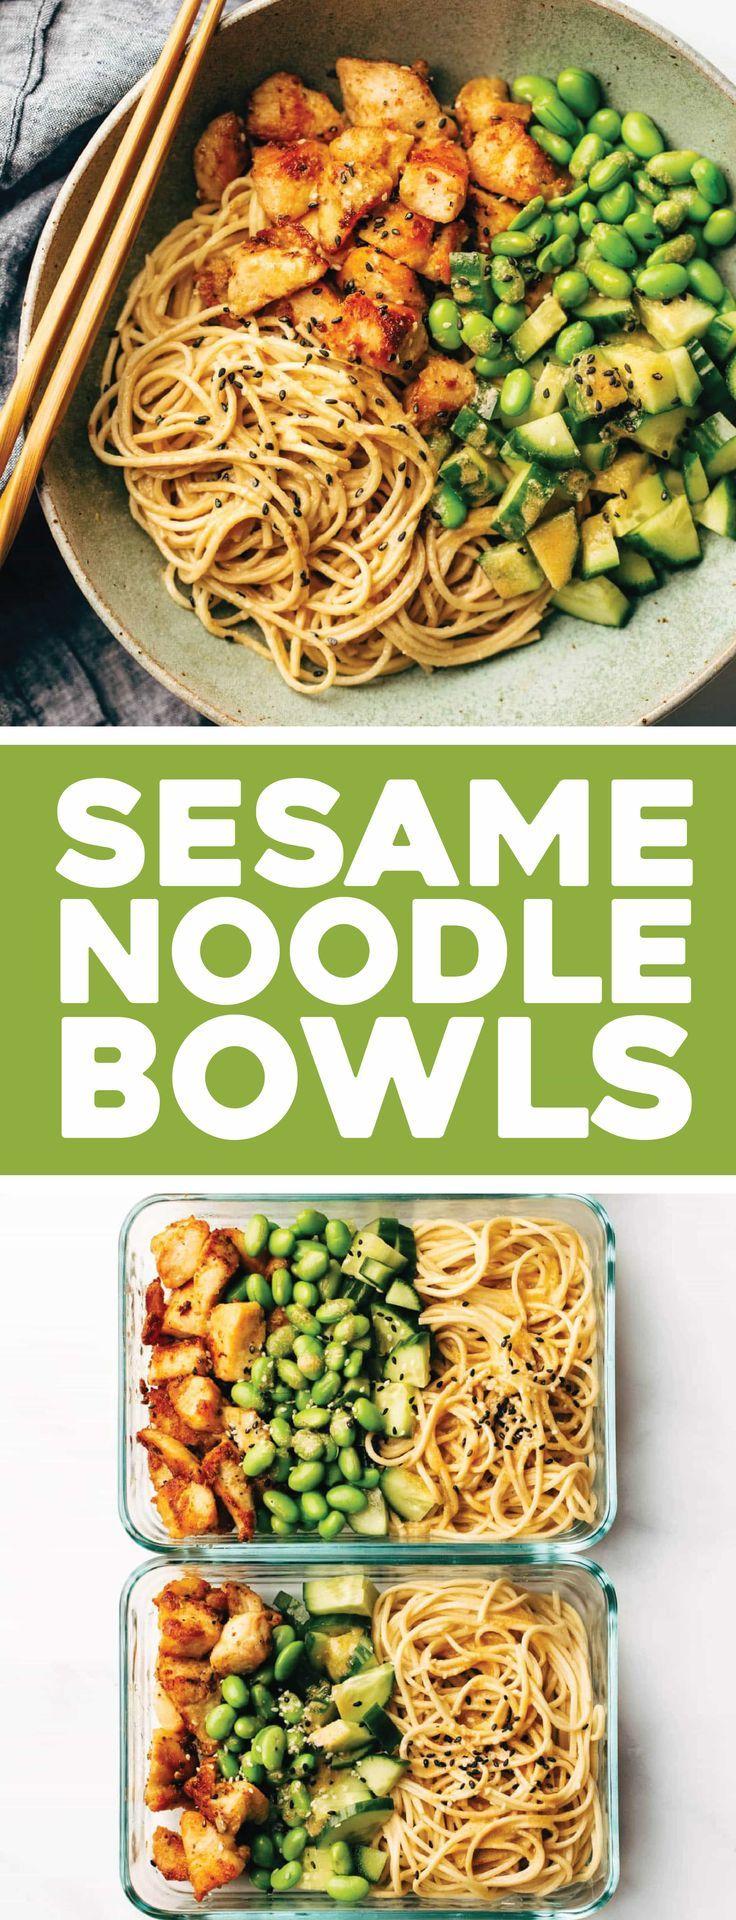 15 Minute Meal Prep: Sesame Noodle Bowls